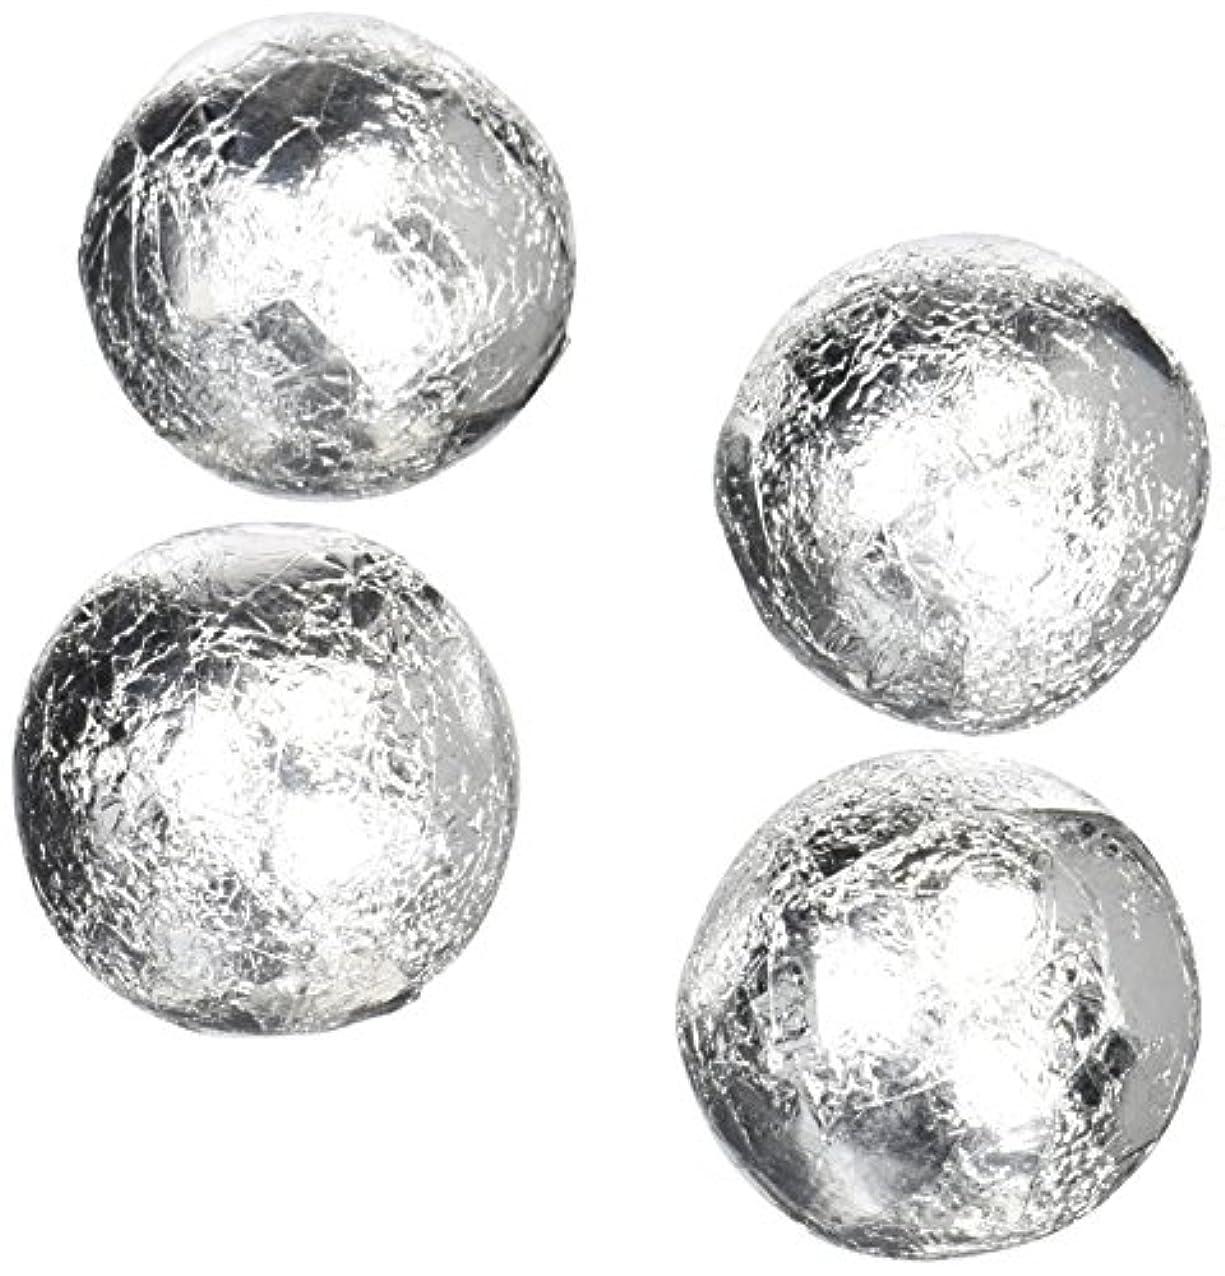 文献特定のスラッシュLyraviviボール レギュラー4個入り